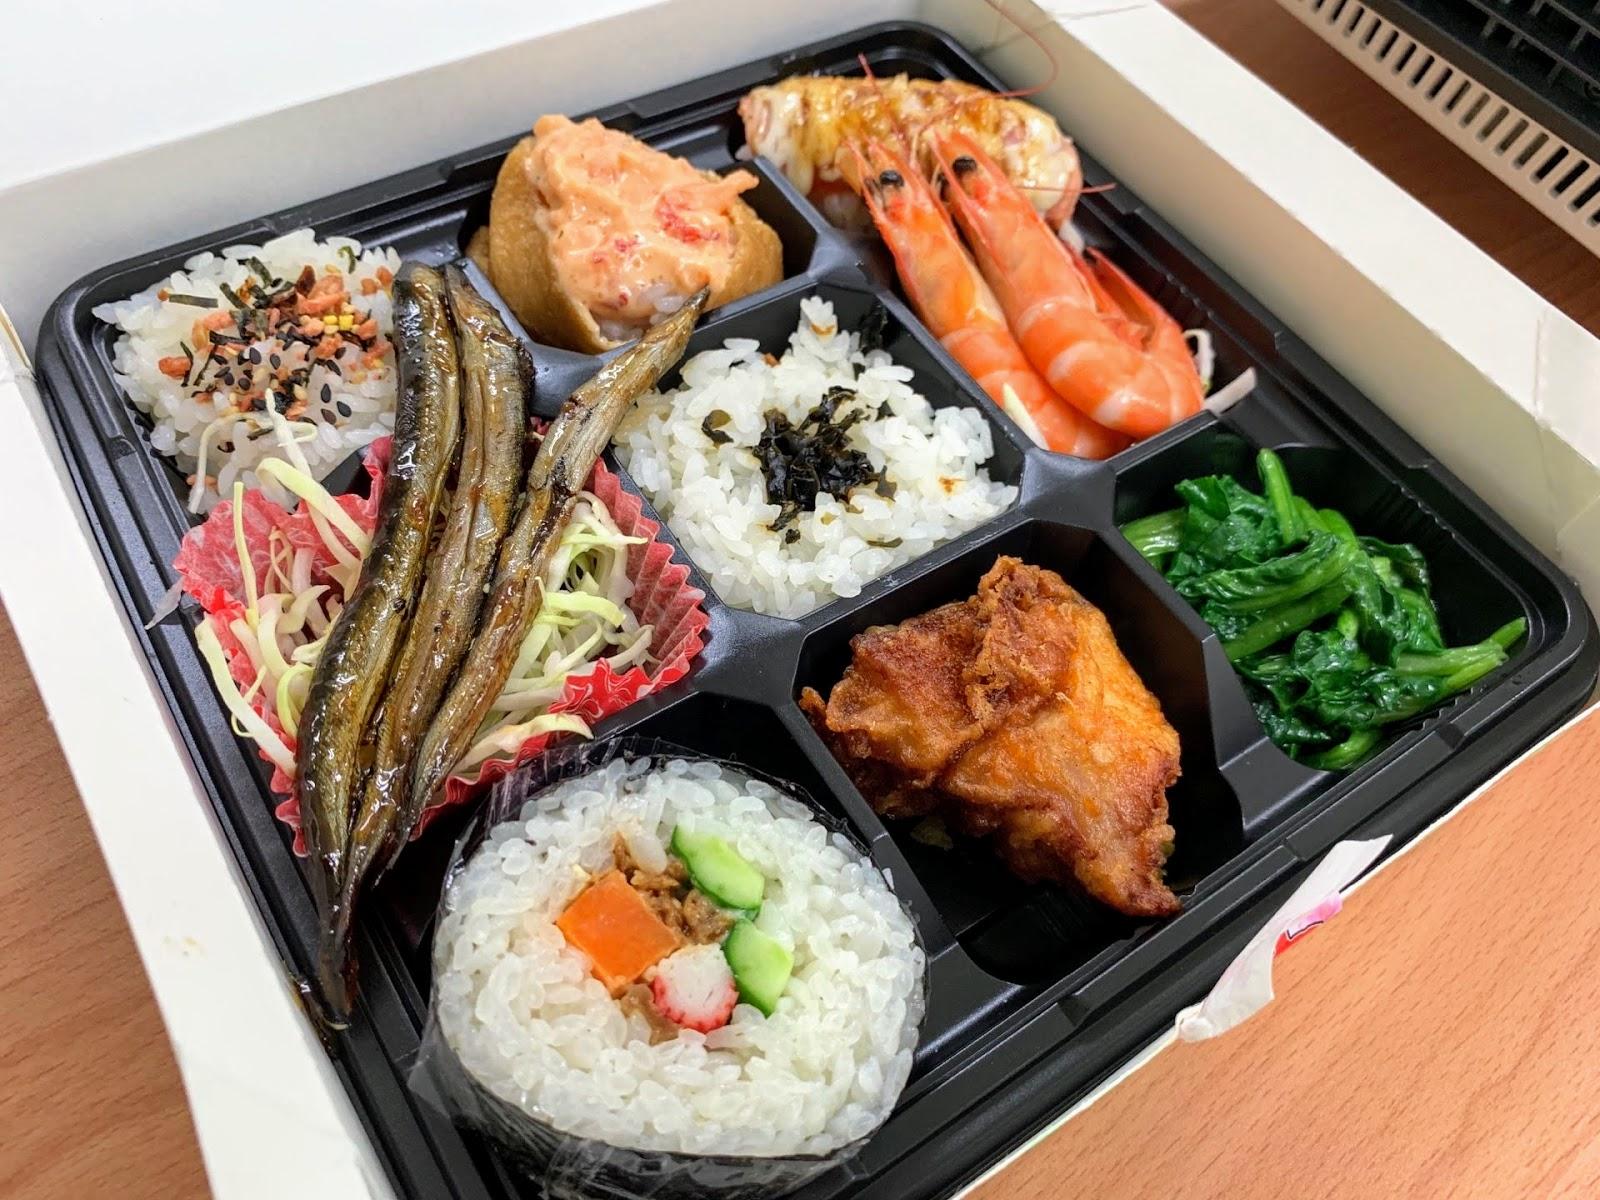 臺南日式便當推薦 佐久日式食堂-商業午餐只要80元!可外送,平價大滿足CP值高!